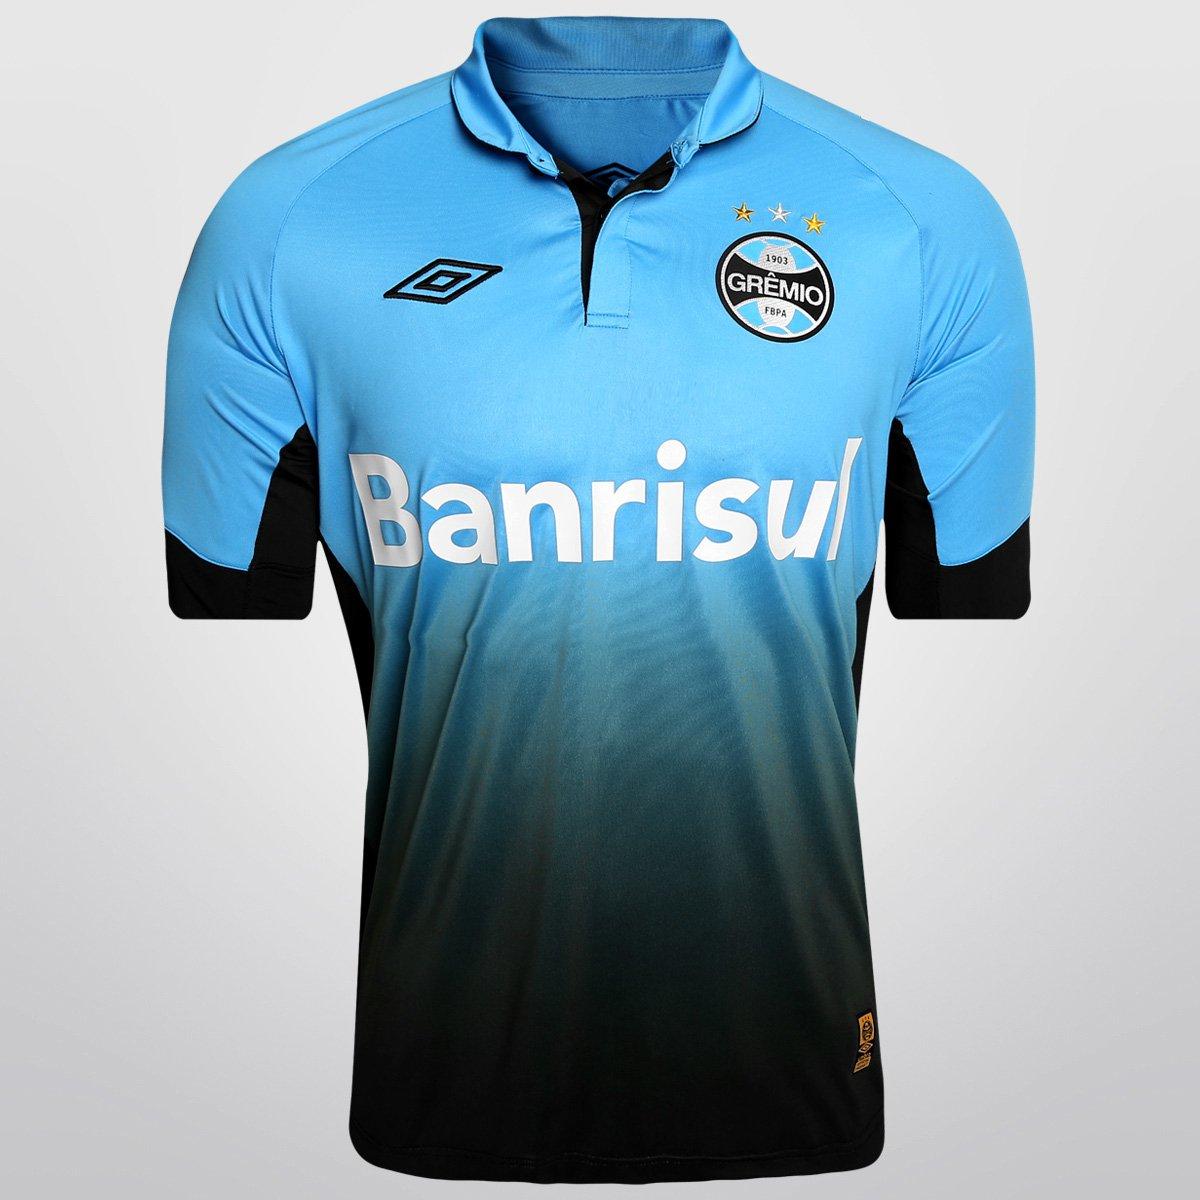 Camisa Umbro Grêmio III 2015 s nº - Compre Agora  a7258d7380192